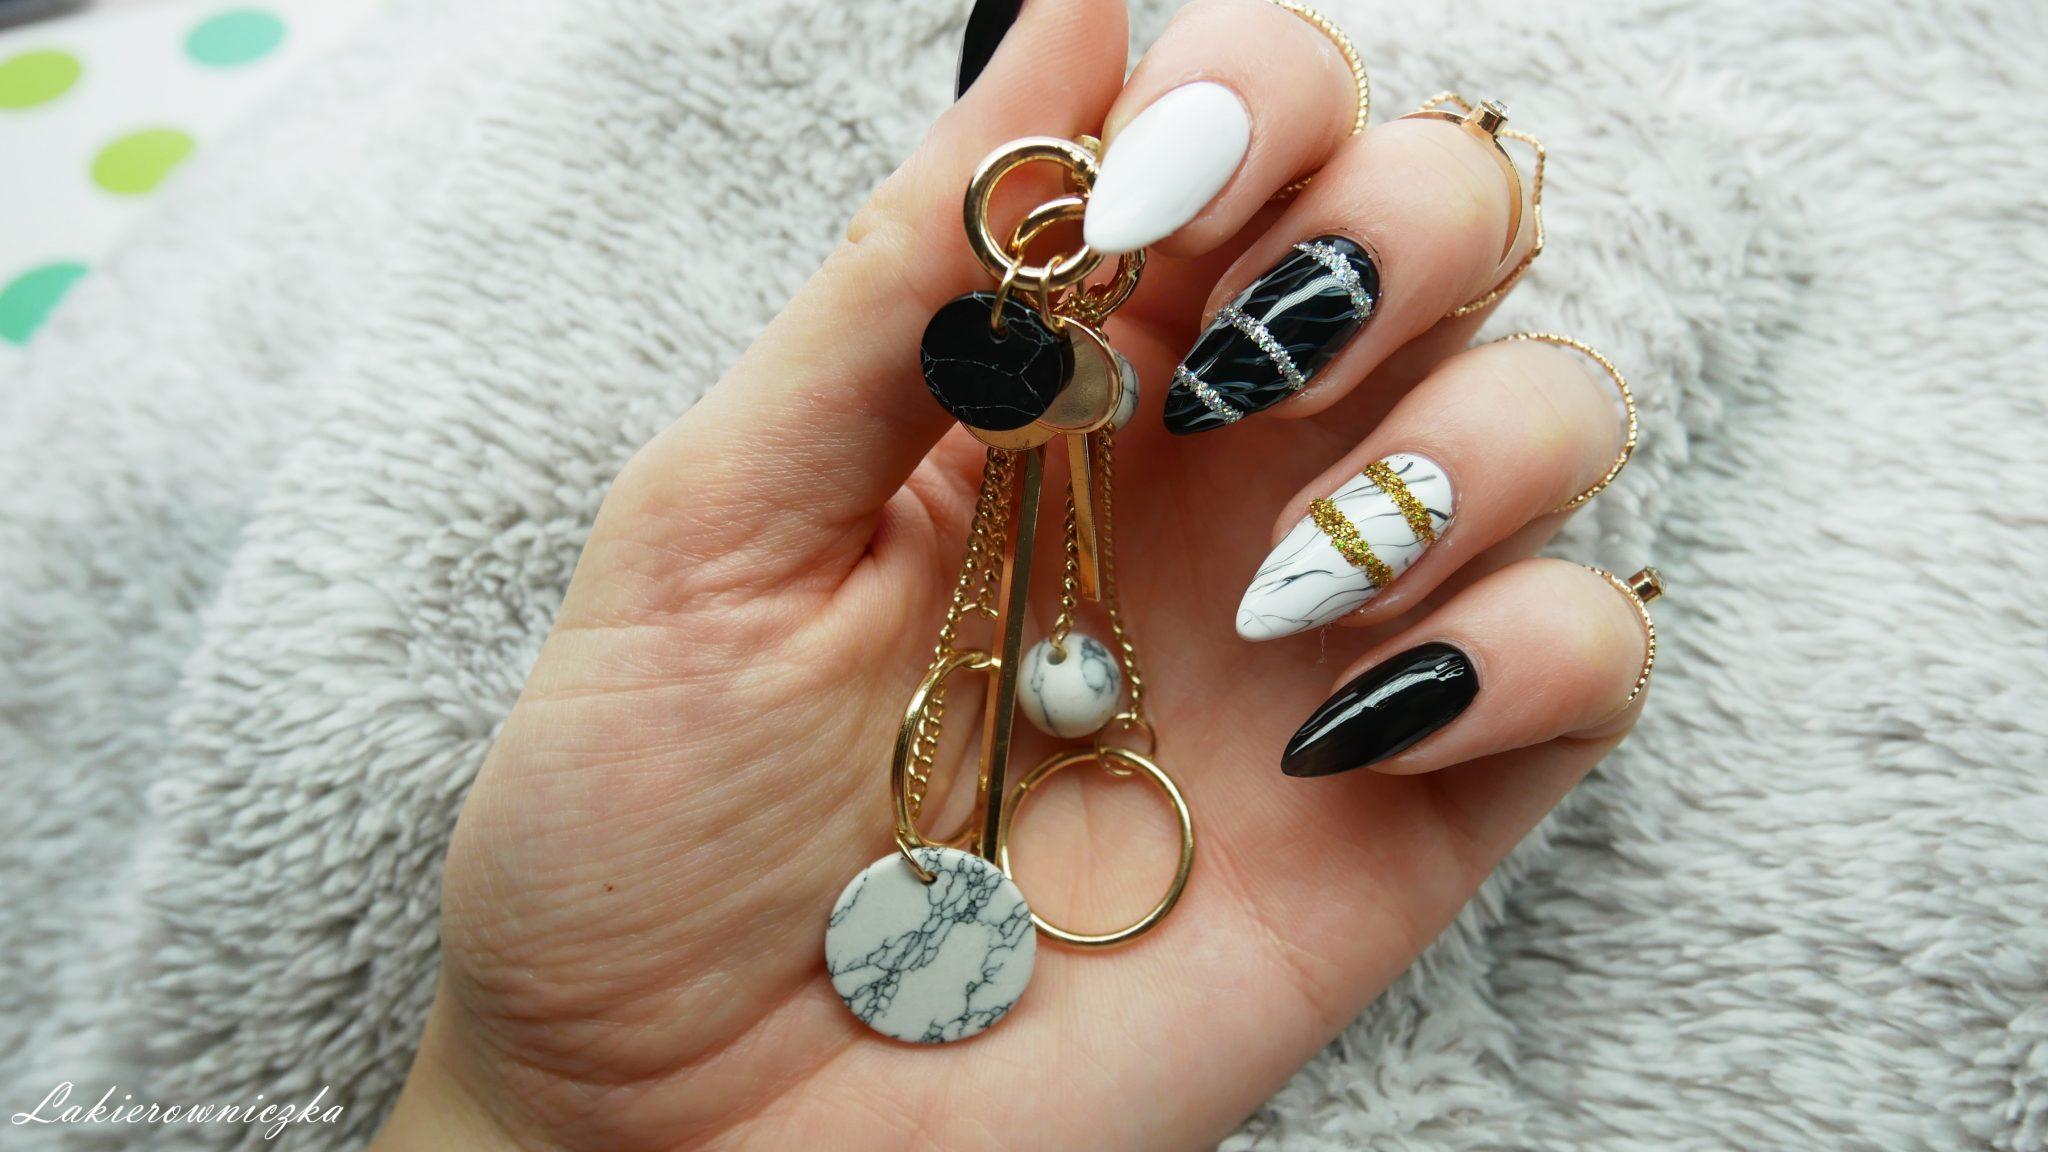 Marmur-z-Rosegal-paznokcie-hybrydowe-w-marmurek-hybrydy-zloty-srebrny-brokat-Lakierowniczka-mala-czarna-torebka-z-lancuchem-bag-earings-jacket-rings-gold